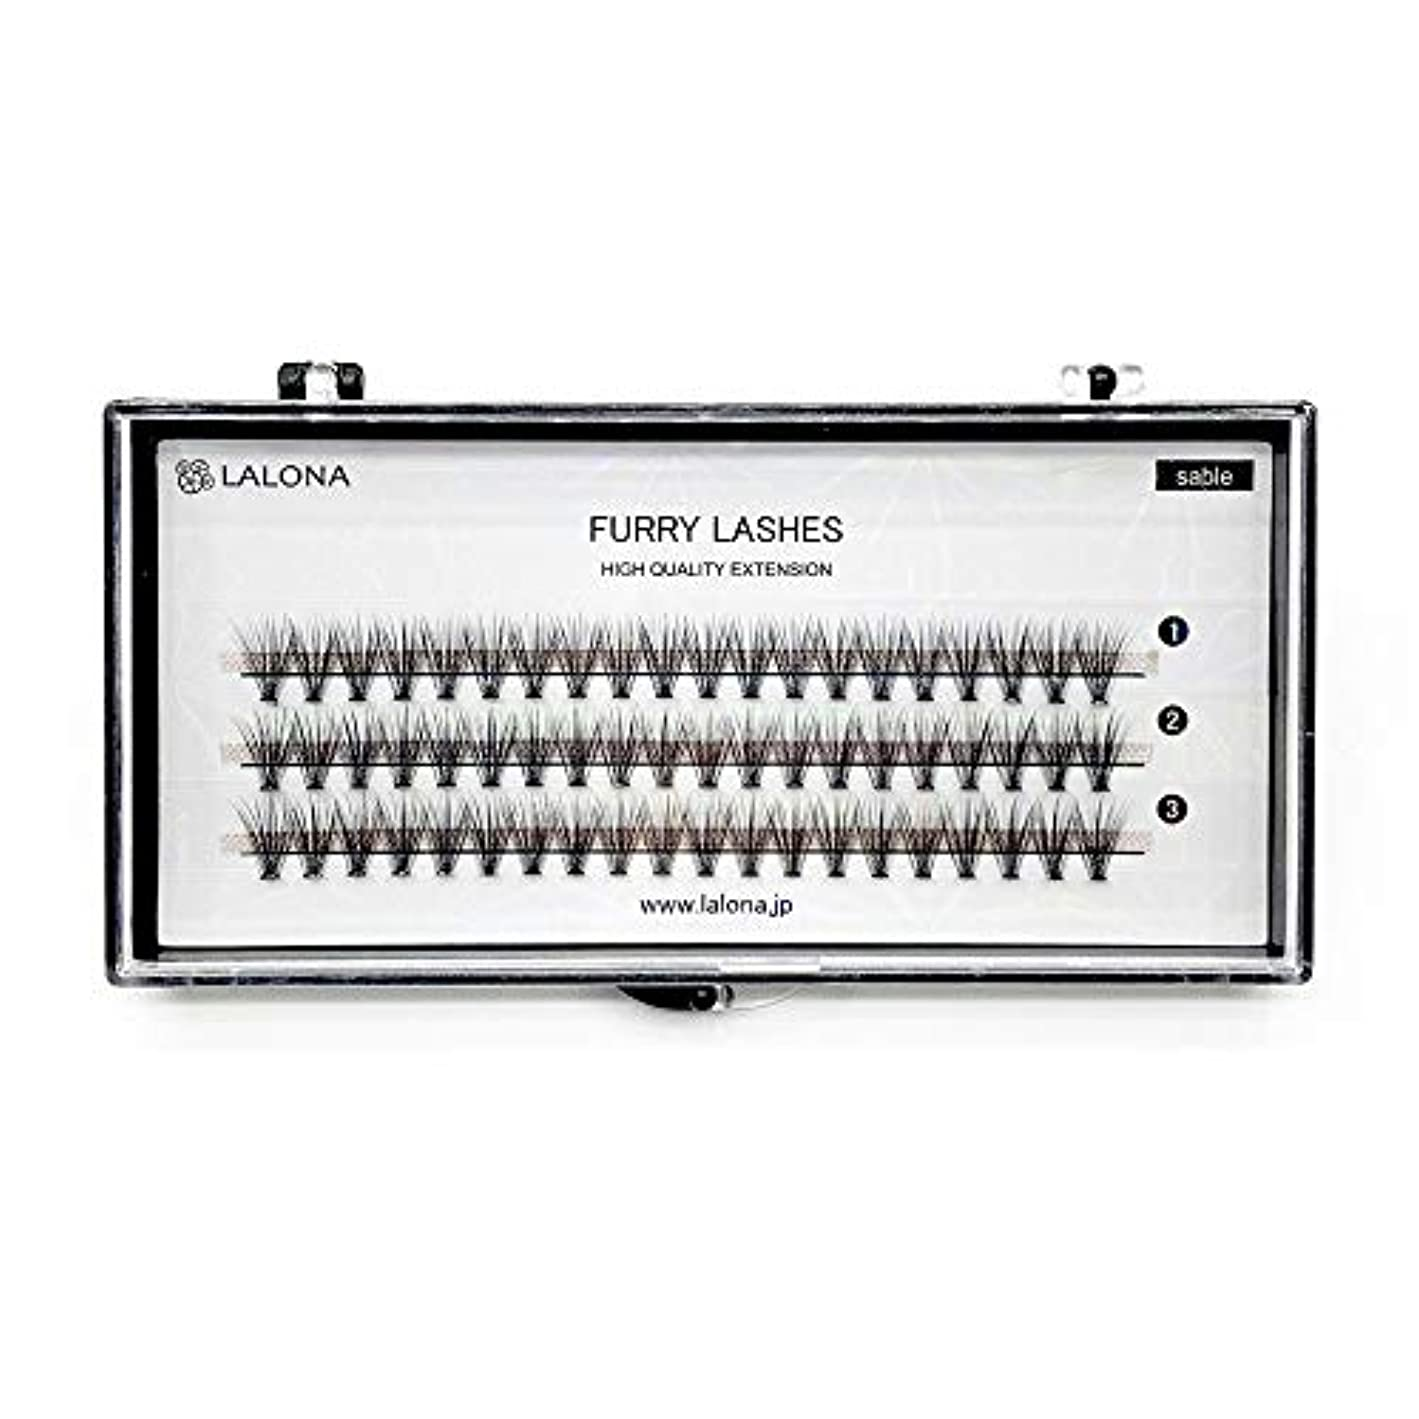 サスペンション発火する偏見LALONA [ ラローナ ] ファーリーラッシュ (30D) (60pcs) まつげエクステ 30本束 フレアラッシュ まつエク マツエク 束まつげ セーブル (0.05 / 10mm)